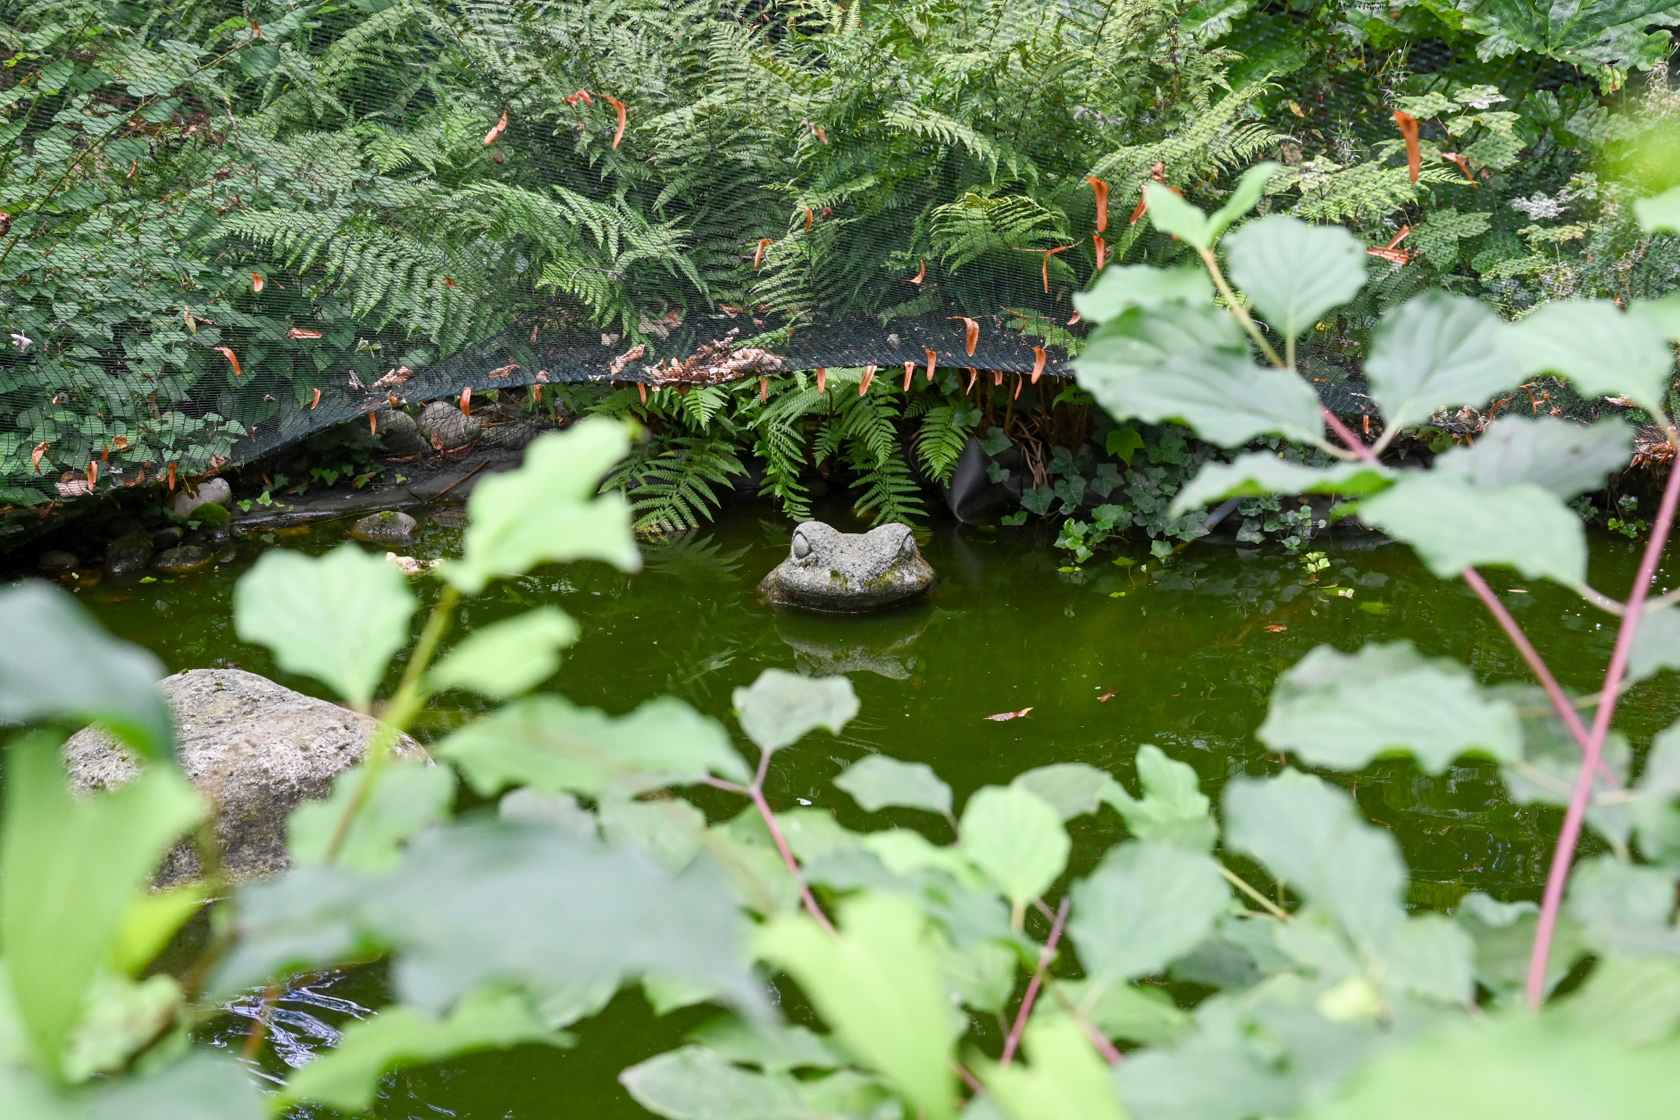 Frosch späht aus dem naturangelegten Teich am Johanniterhaus Bonn.